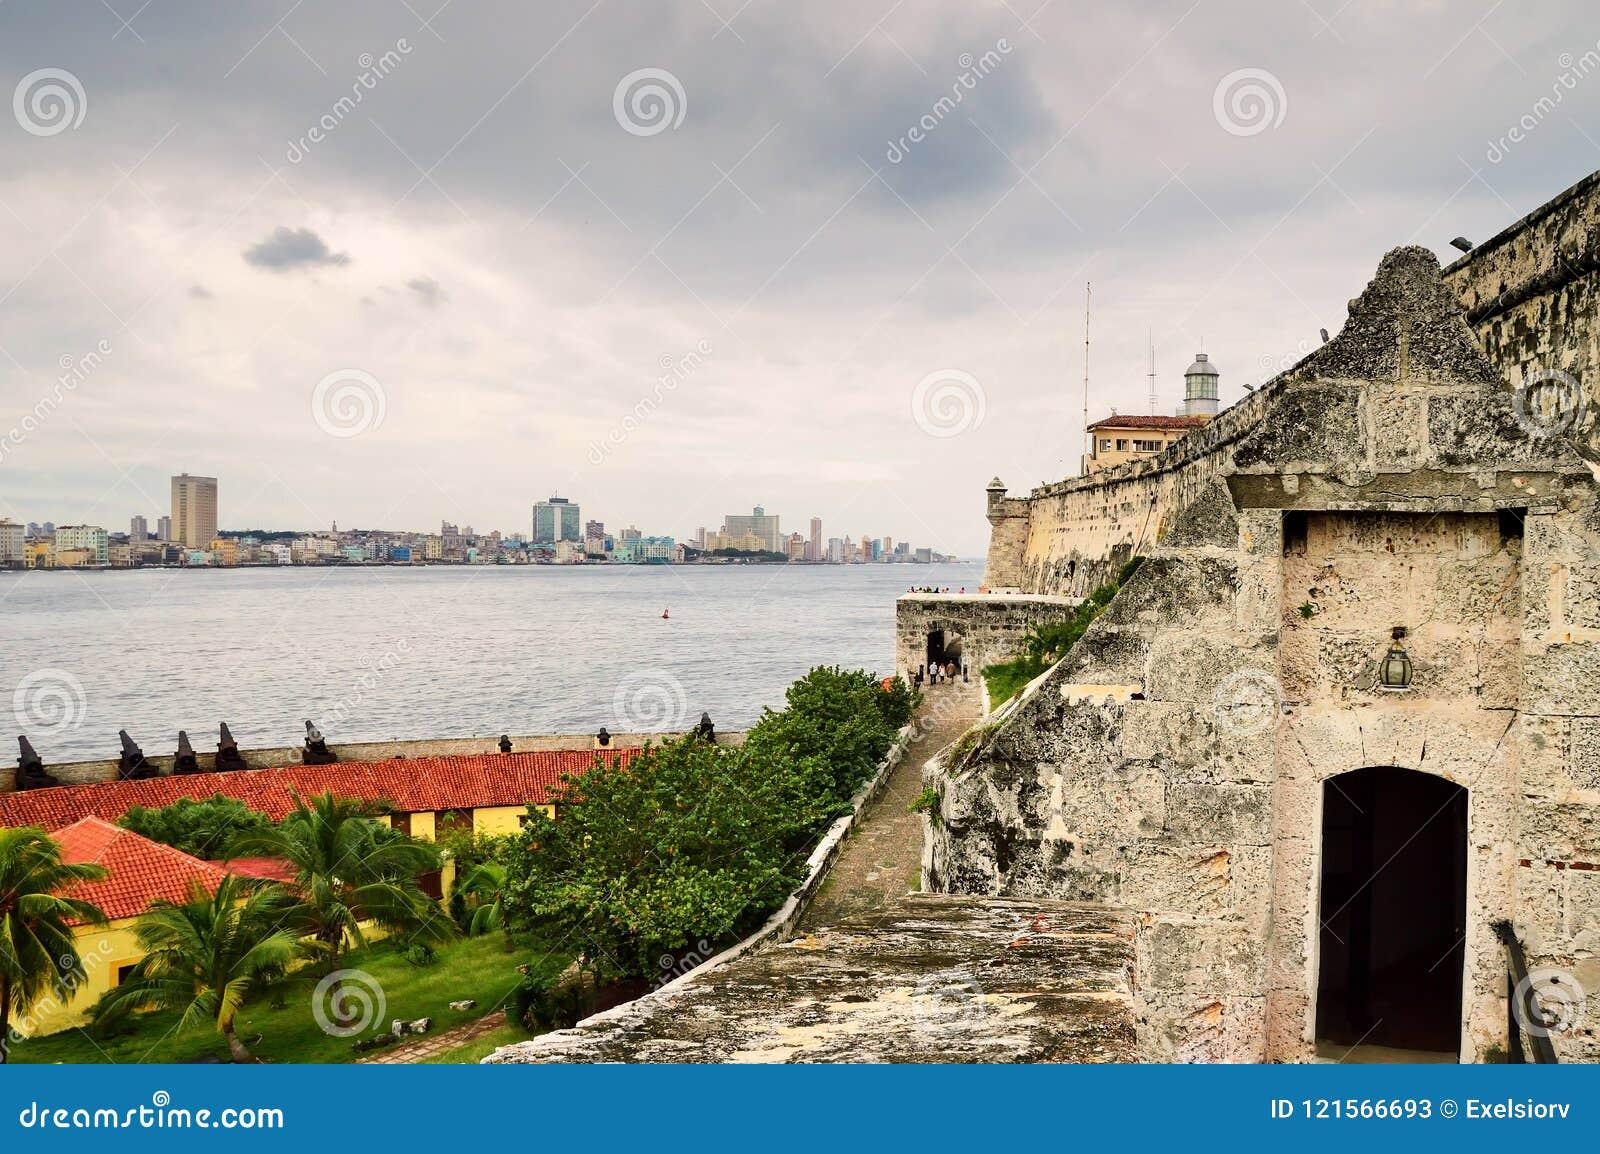 Μια άποψη του ιστορικού κέντρου της Αβάνας και του αναχώματος Malecon από το φρούριο της EL Morro, μέσω του στενού θάλασσας